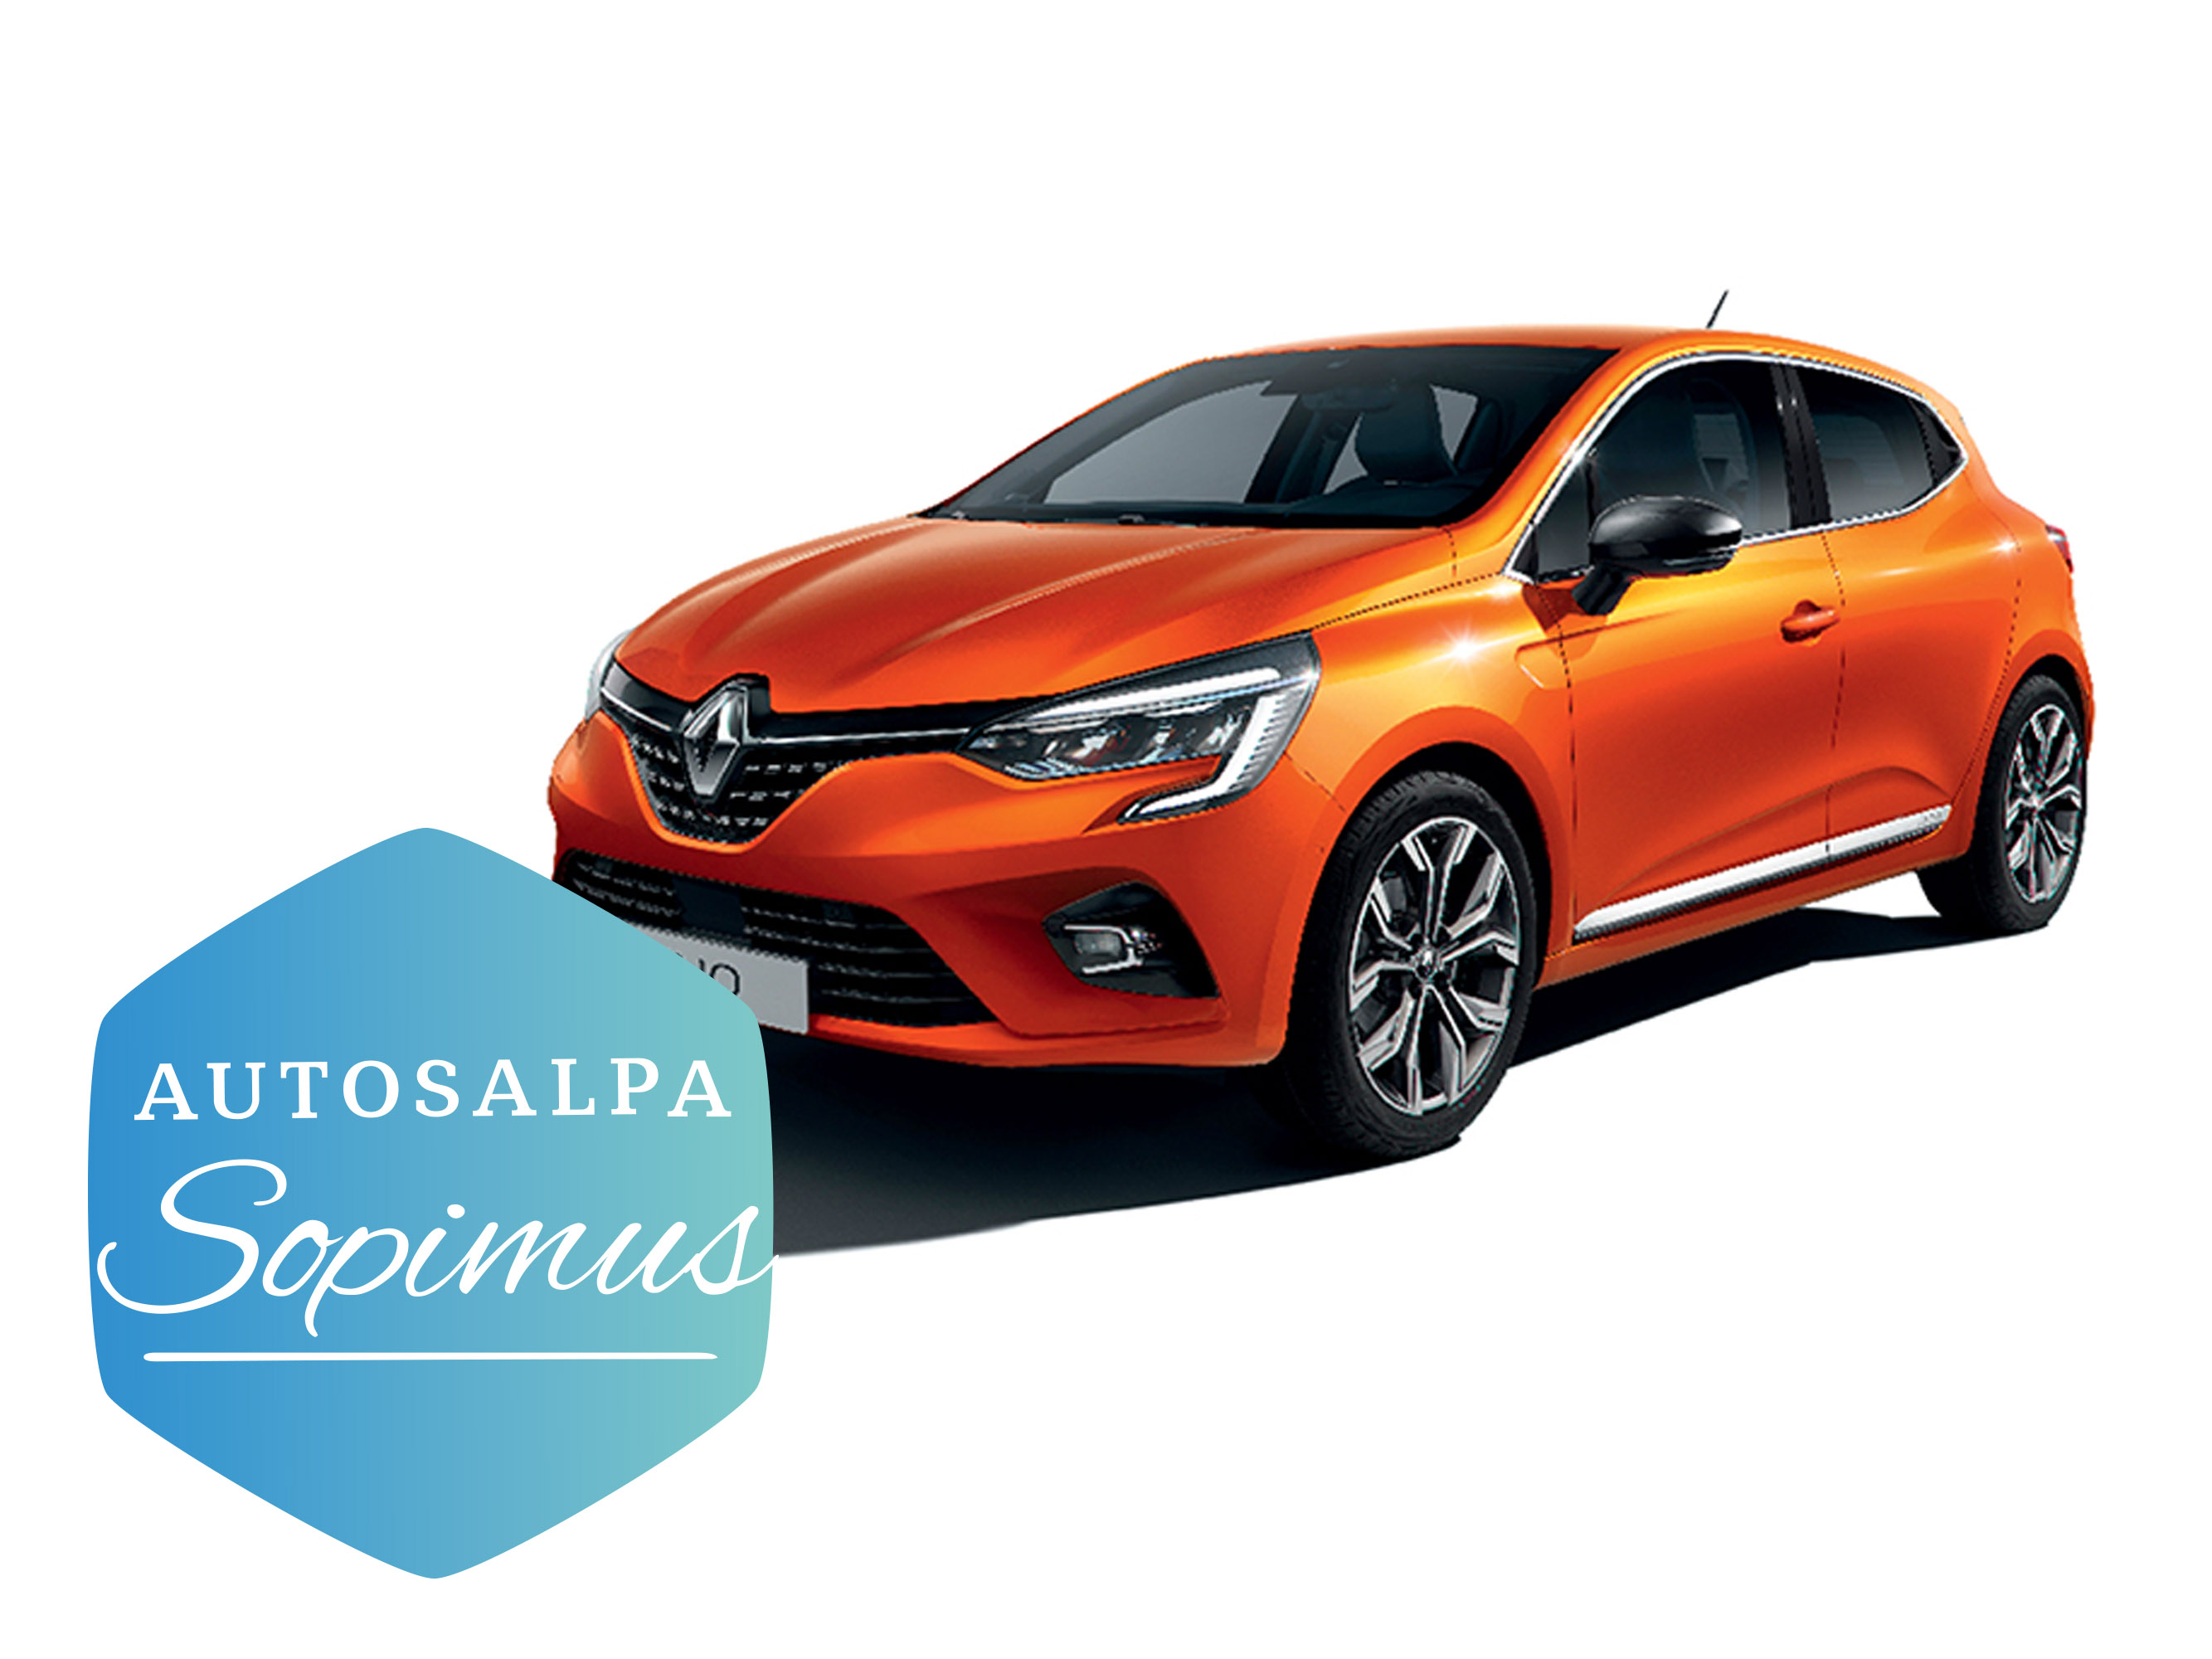 Renault Clio TCe 100 Intens V esim. 270 € / kk